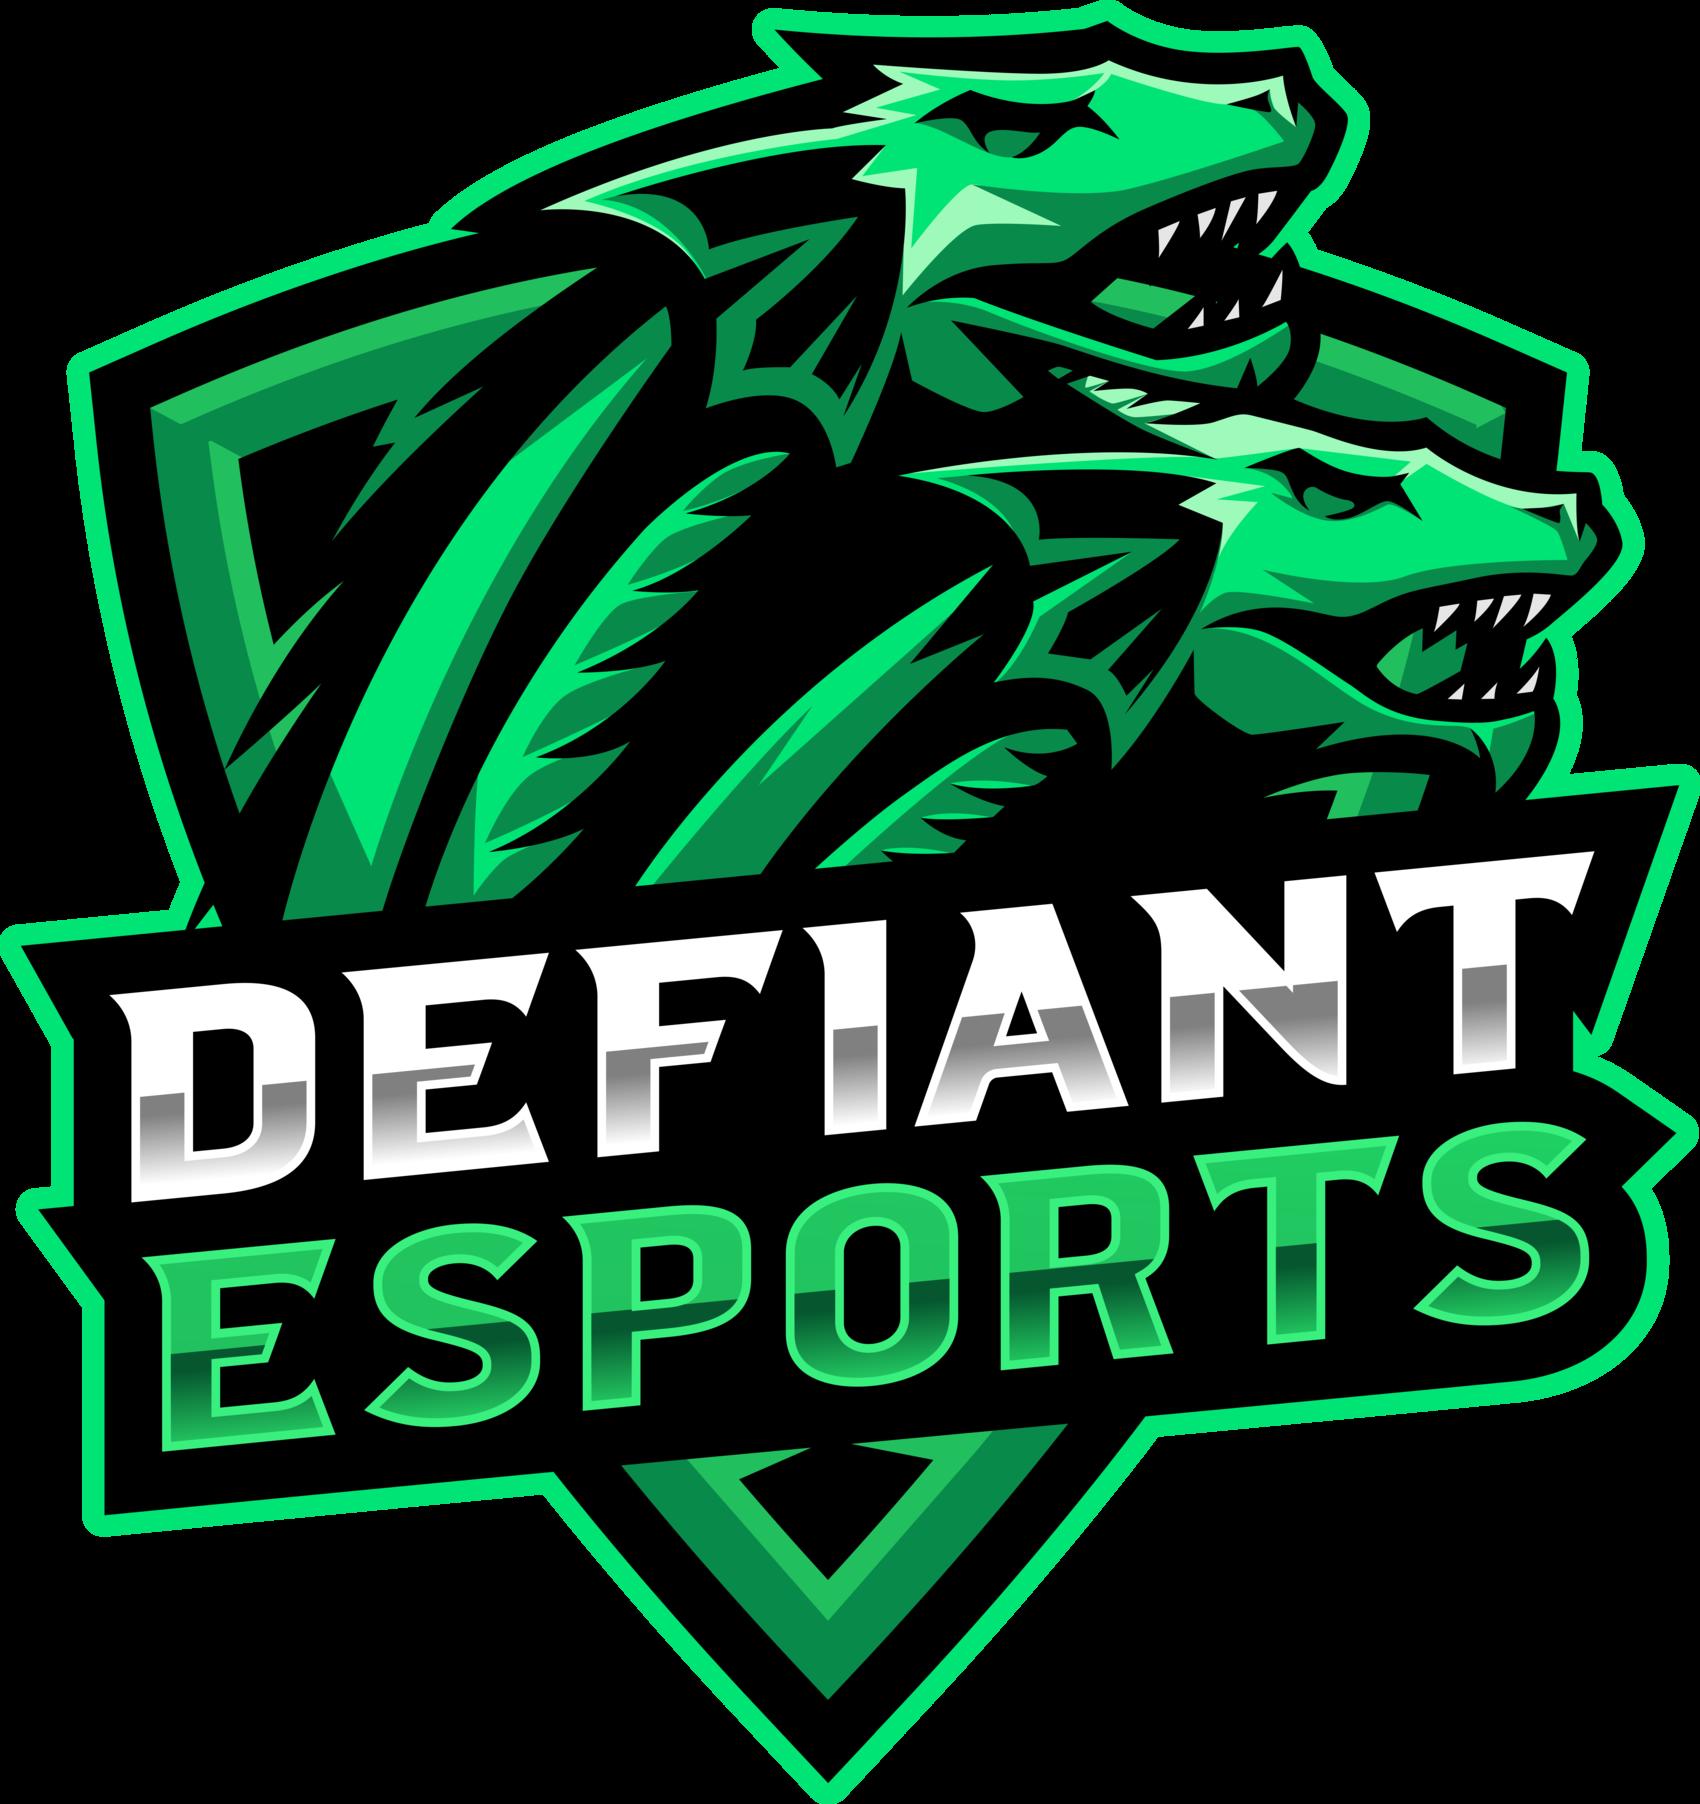 Defiant Esports